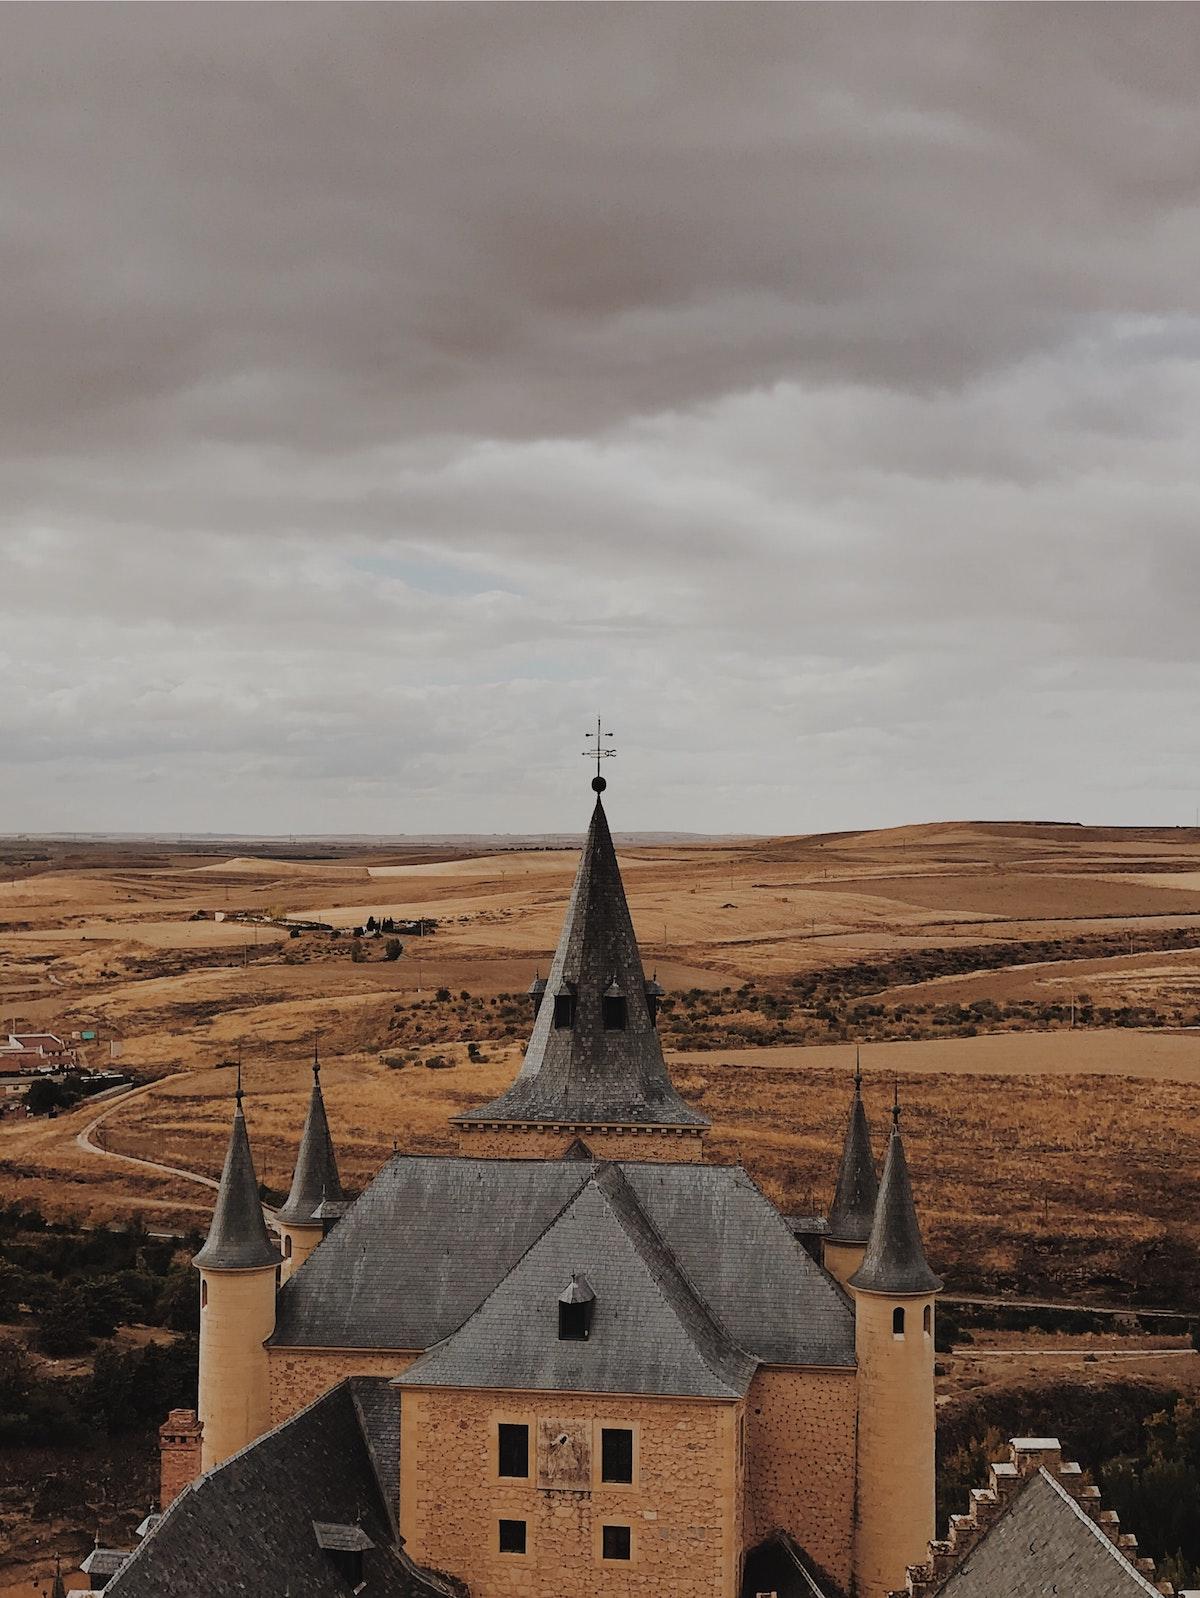 Vista del castillo medieval con torrecillas puntiagudas en tiempo nublado.